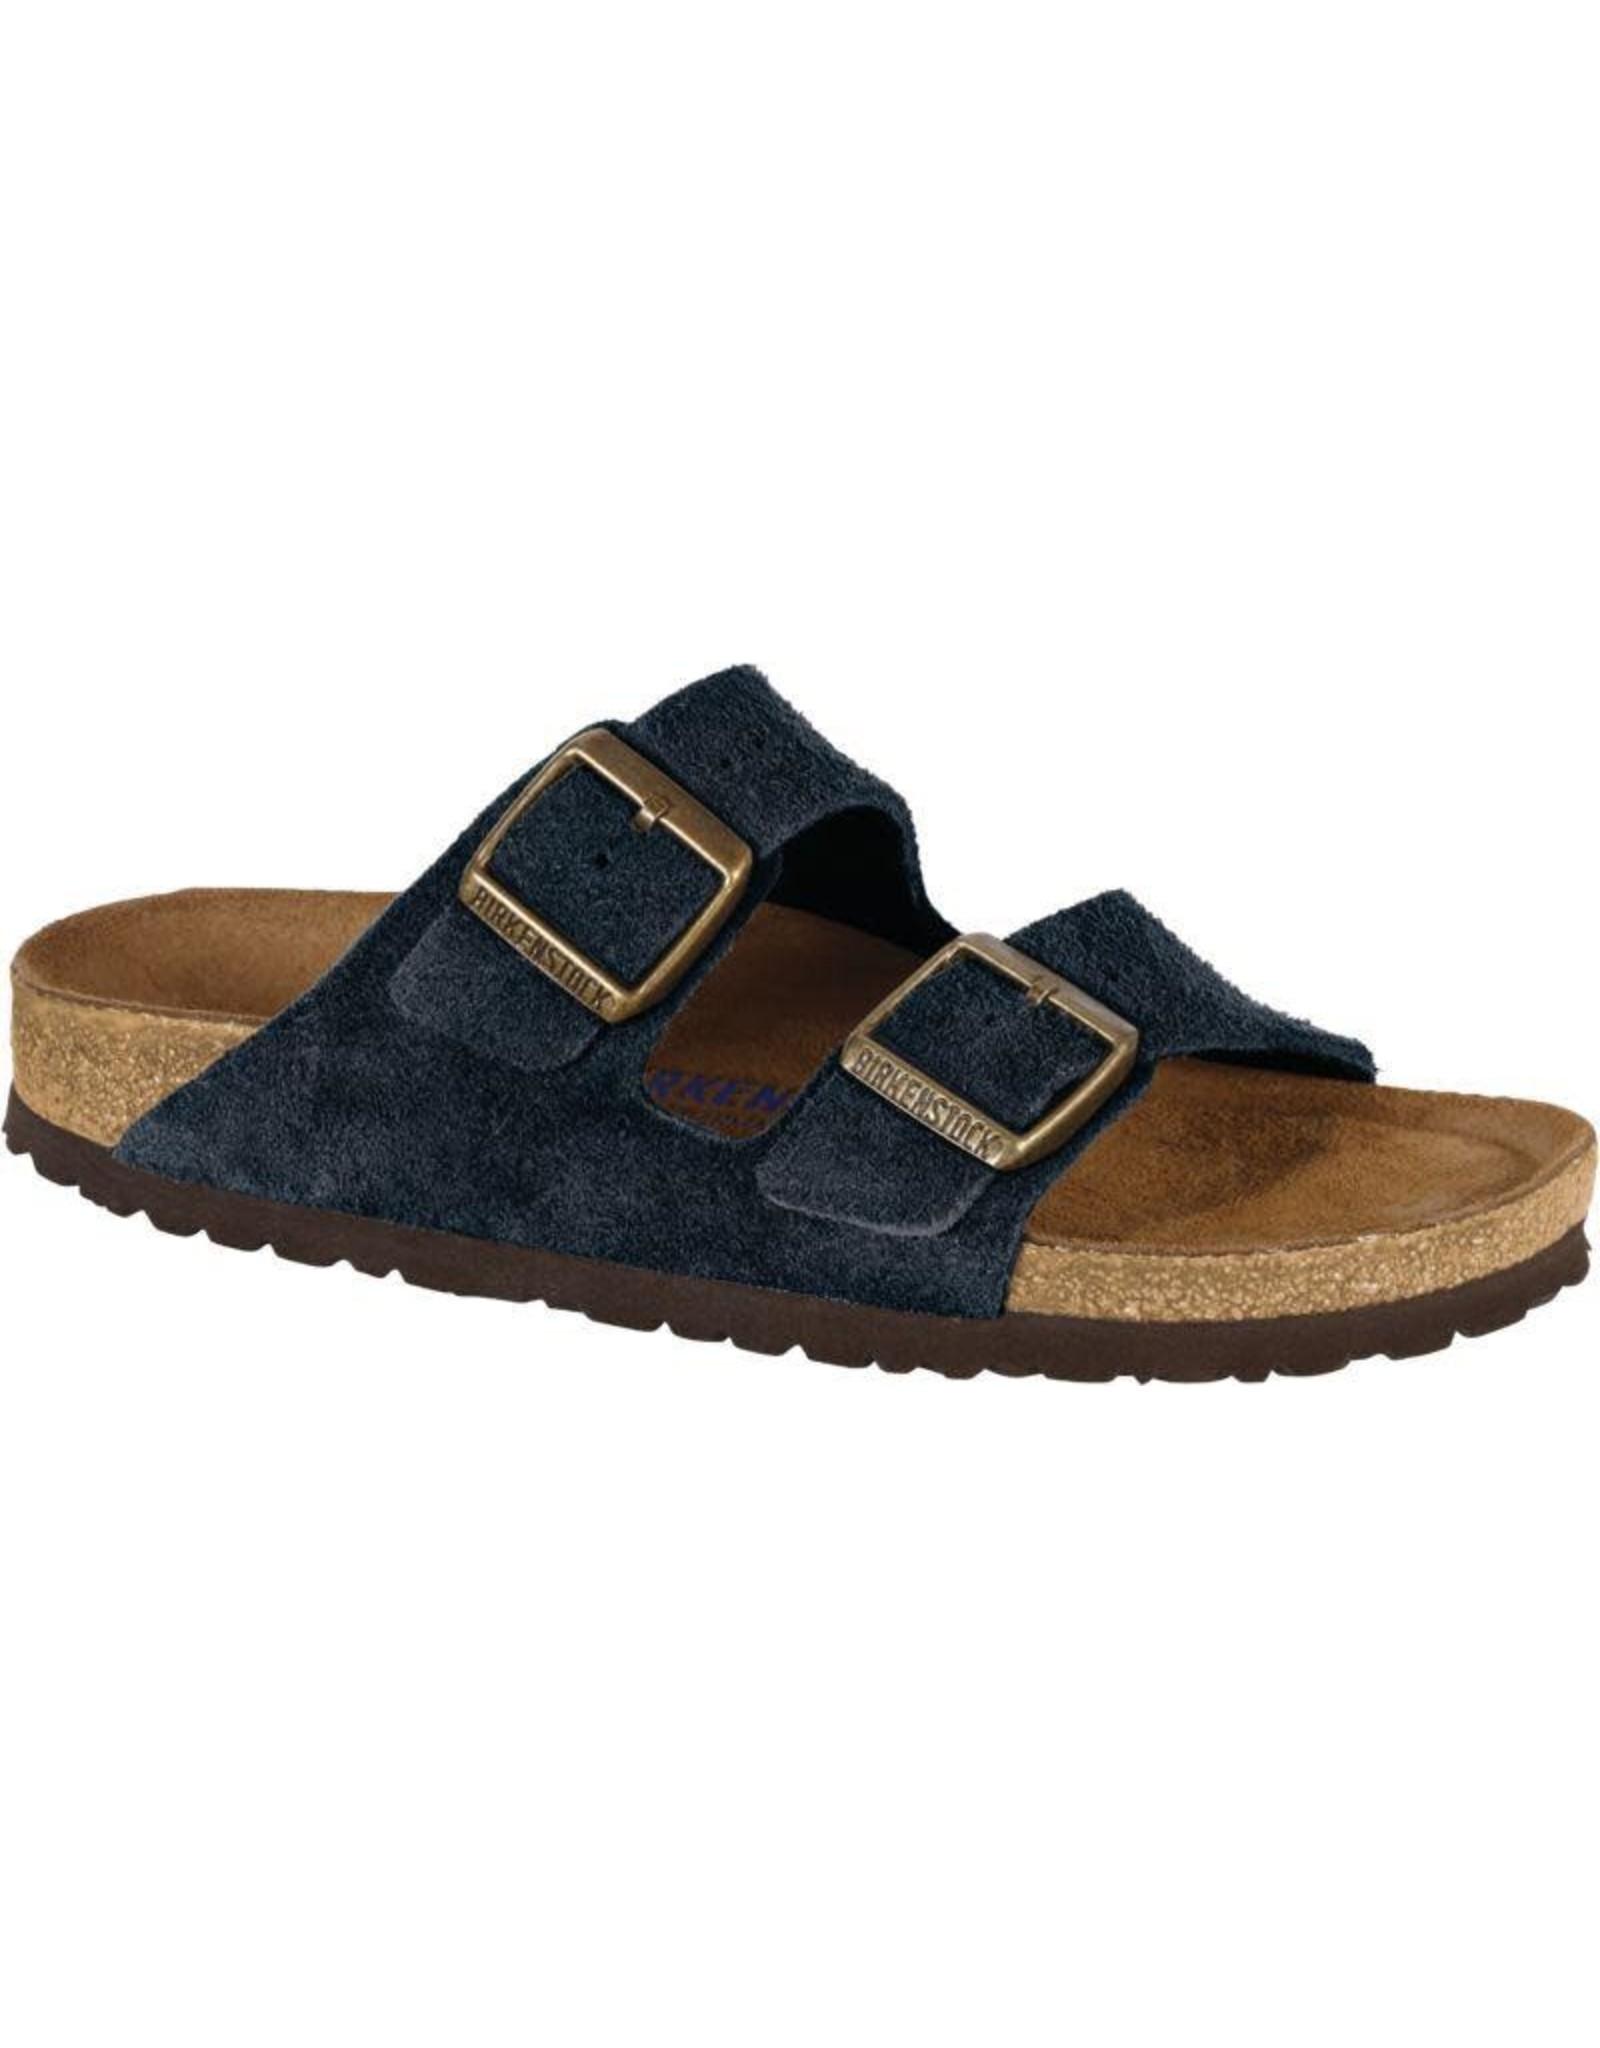 Birkenstock Navy Suede Arizona Sandal Soft Footbed